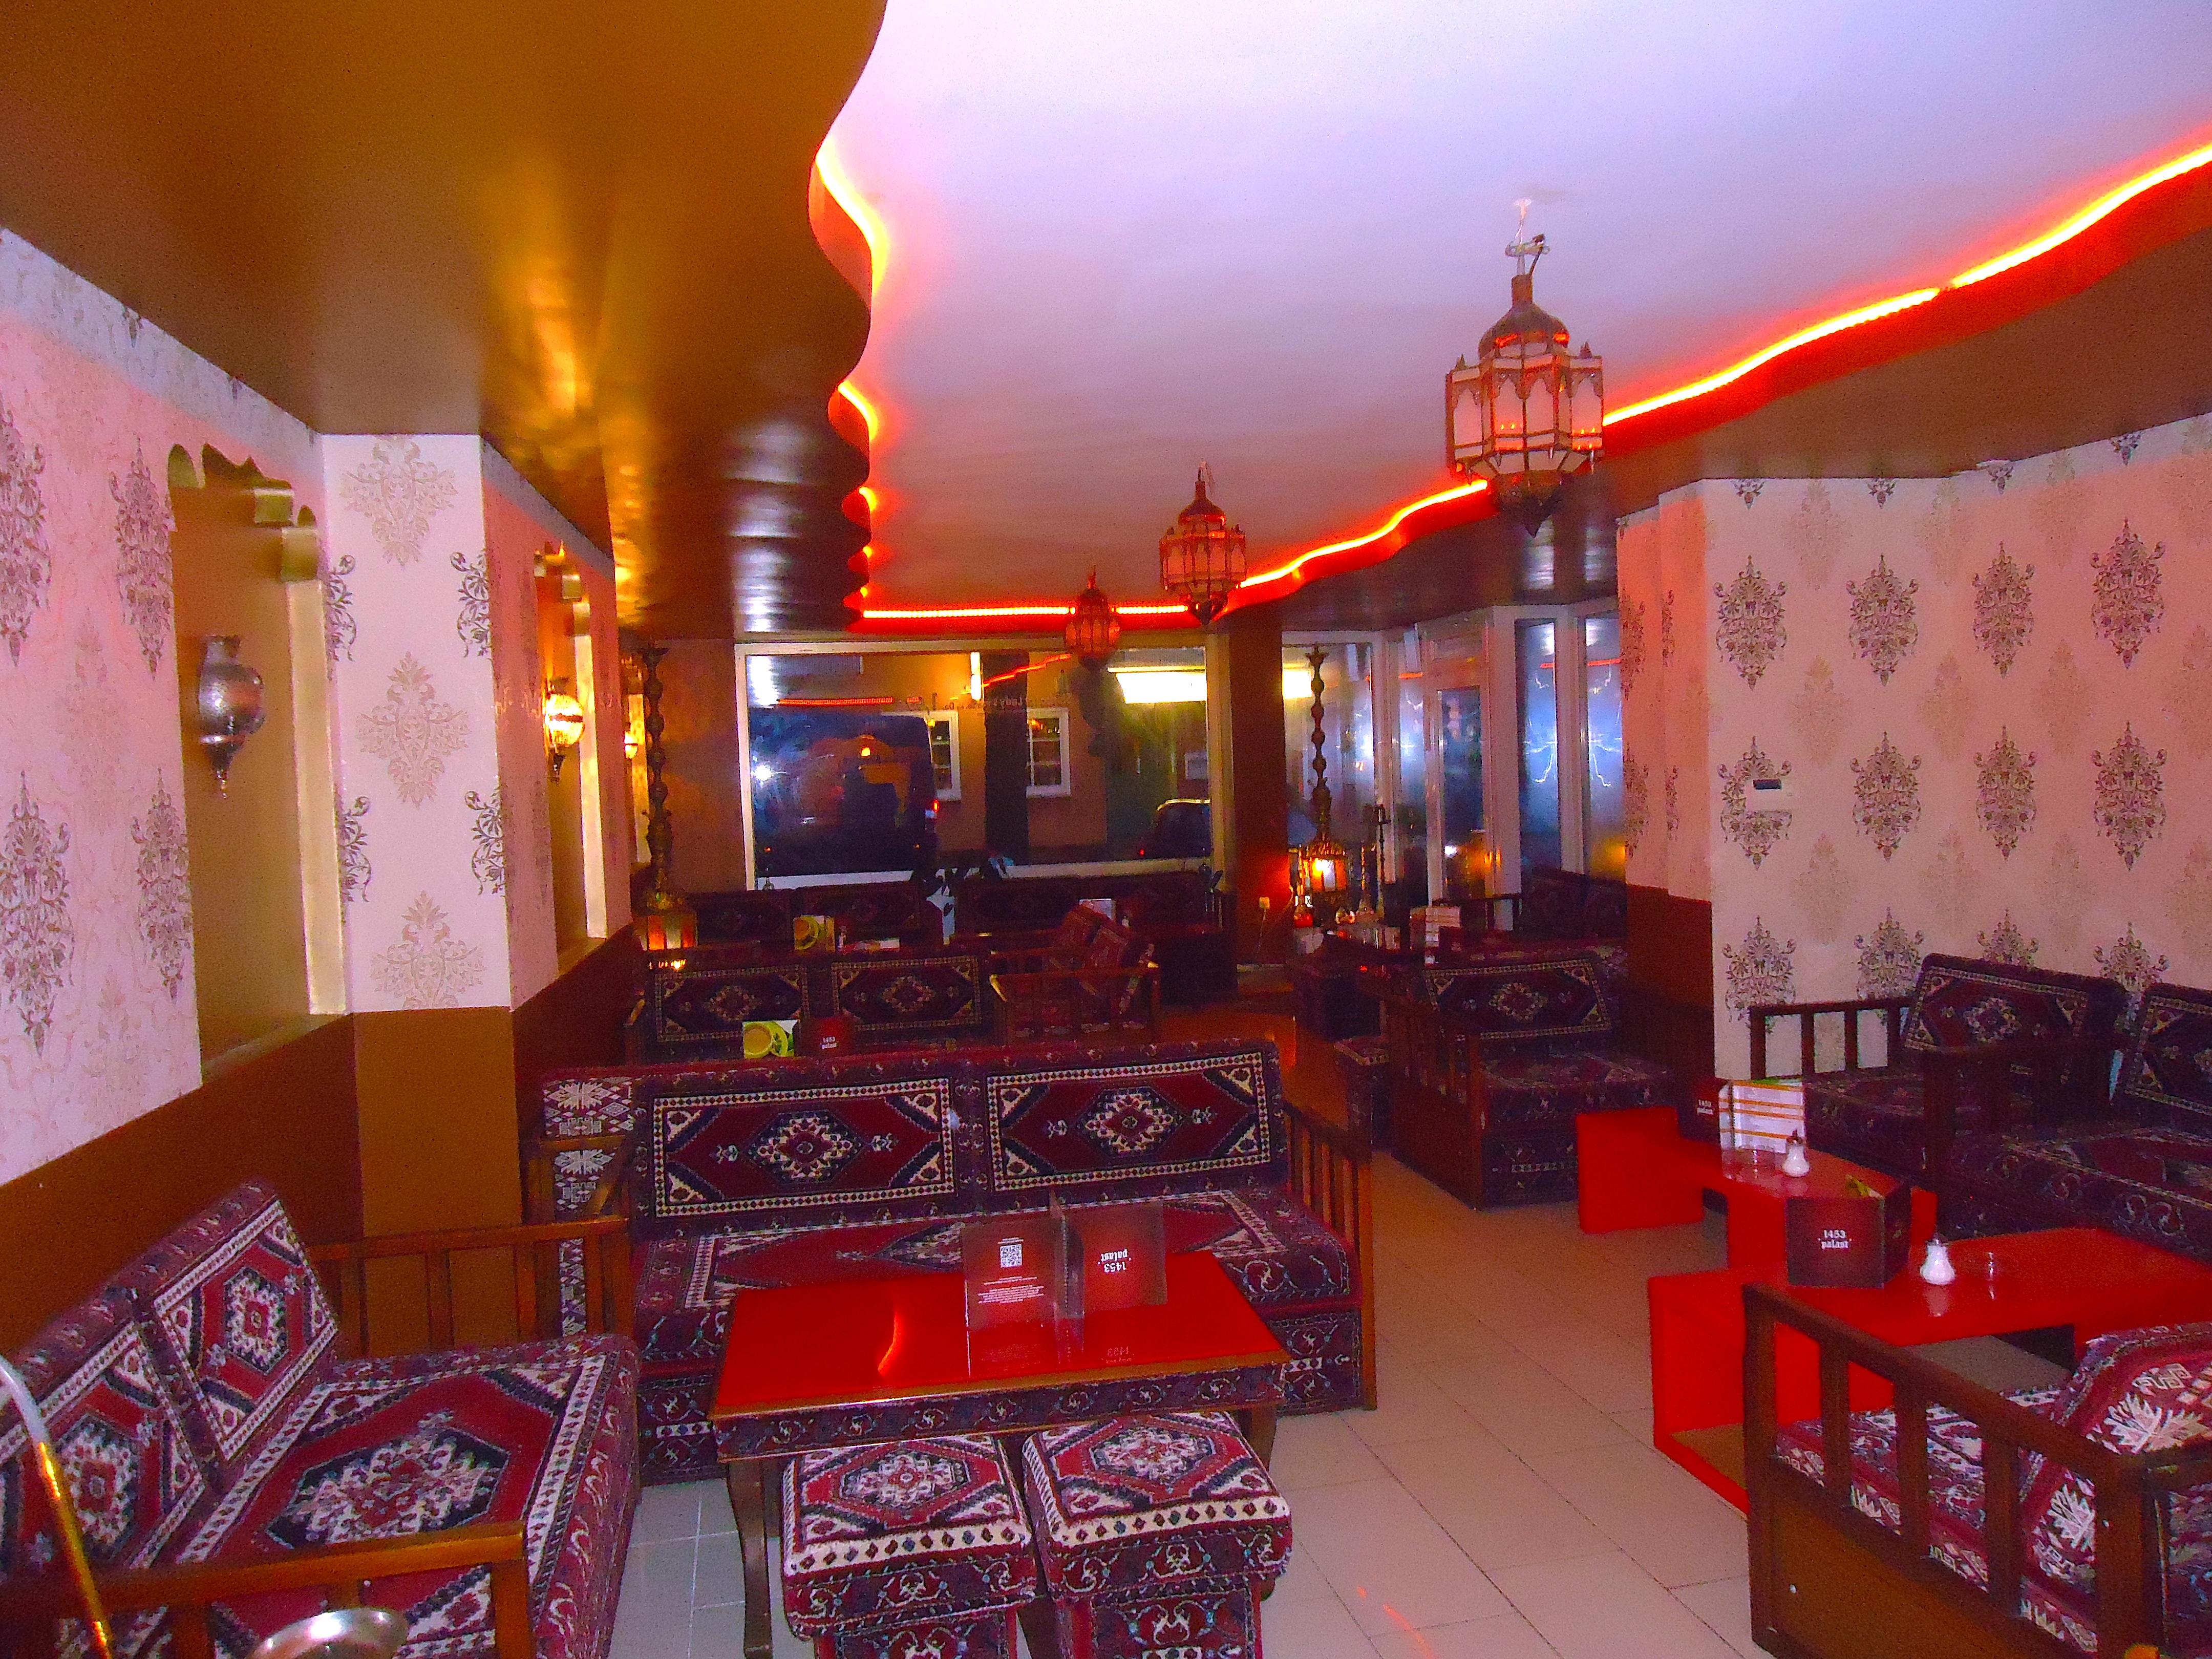 Shisha Bar  Cocktail LoungeCafOrientale Restaurant  STERN IMMOBILIEN  VERKAUF  VERMIETUNG